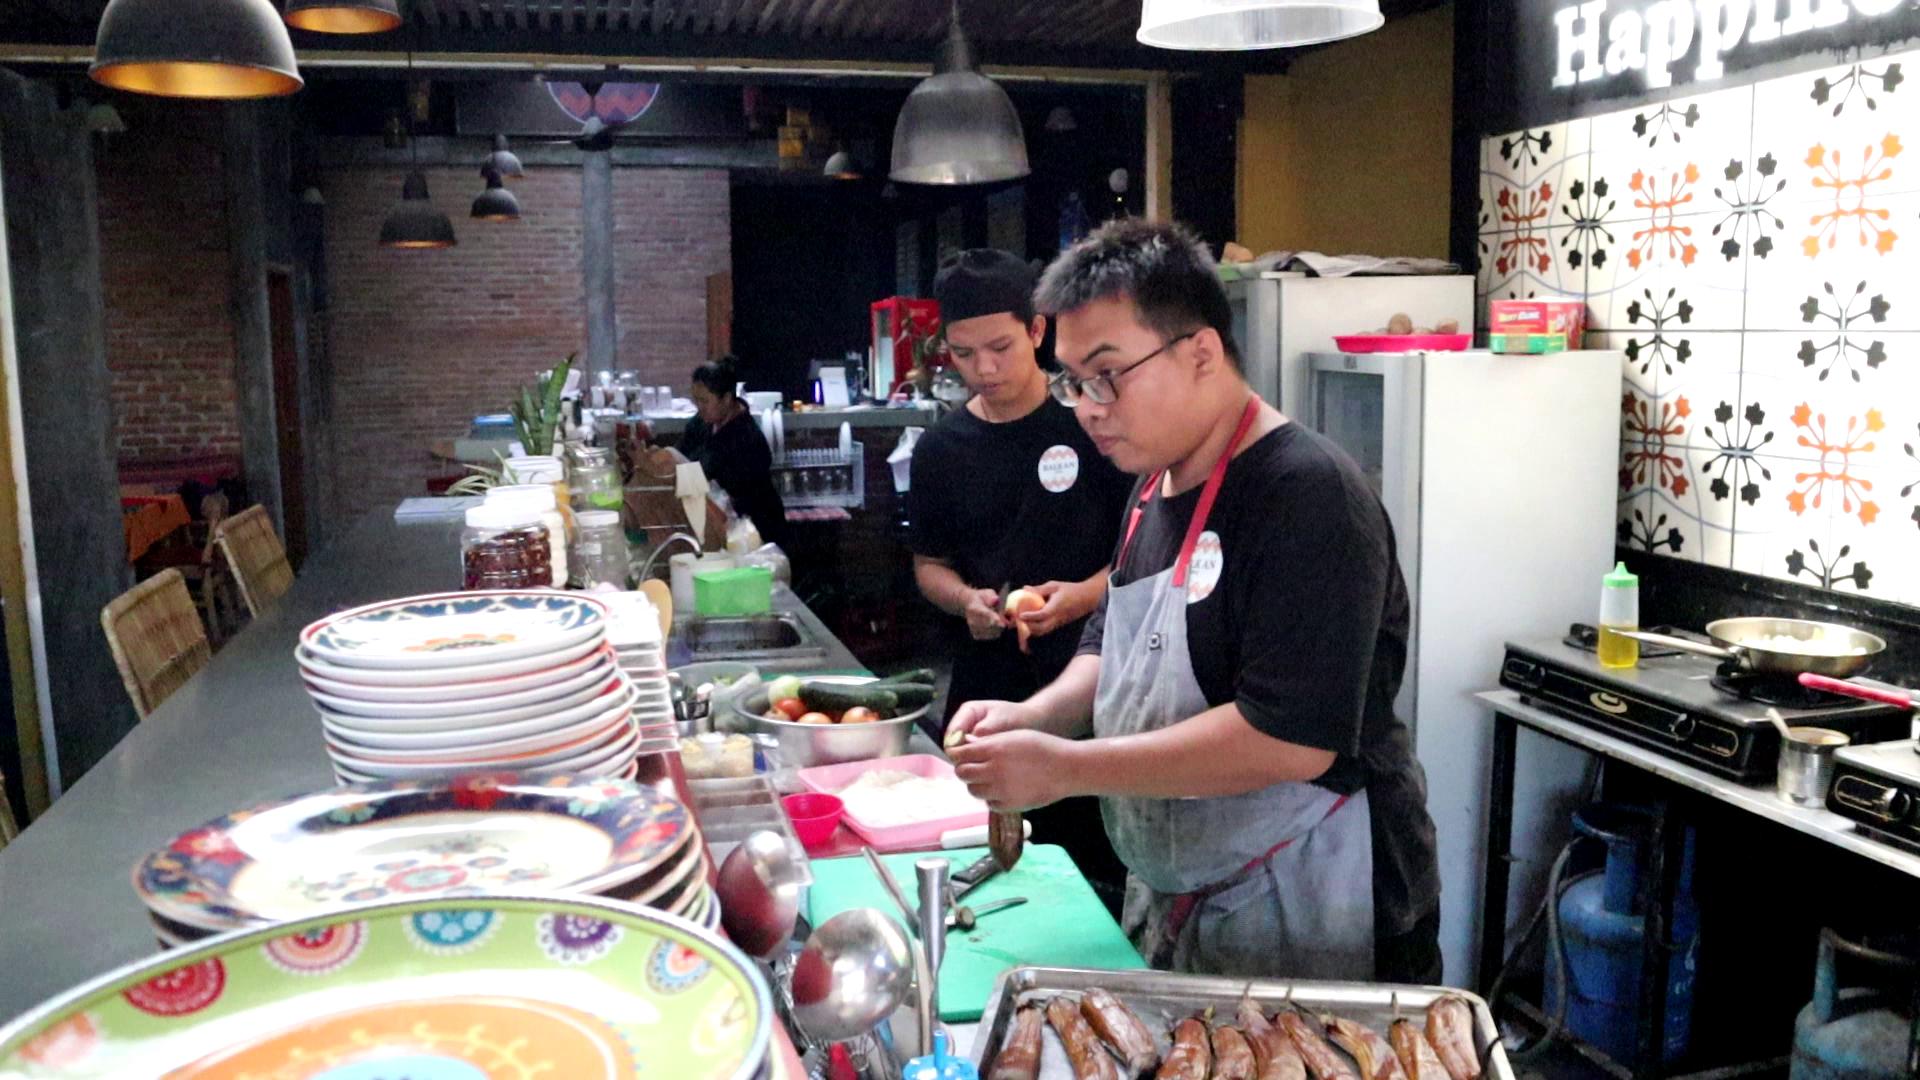 Angajati din Bali care pregatesc mancare balcanica